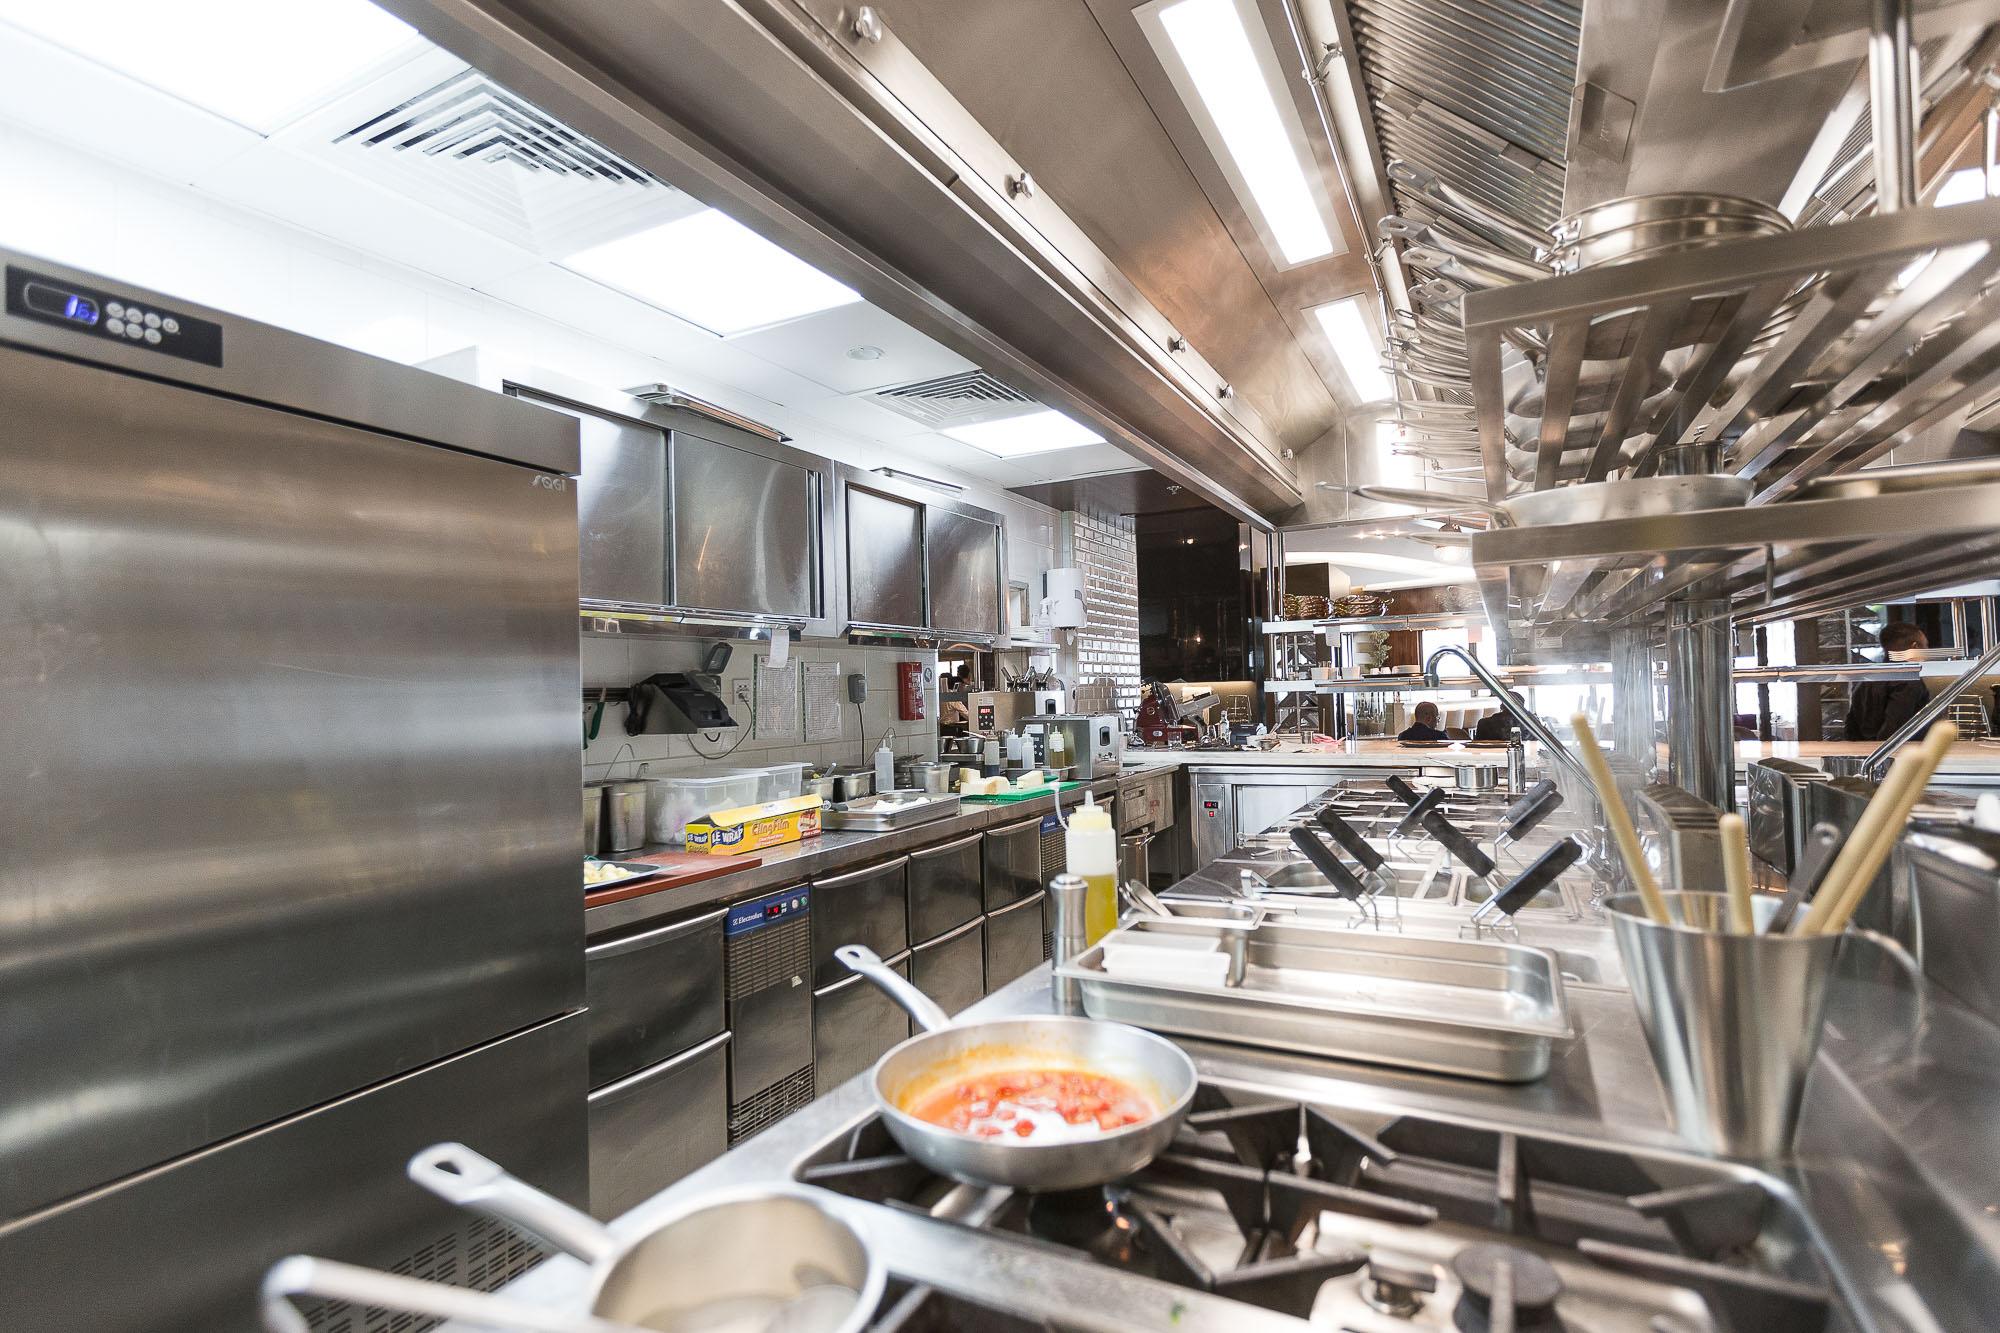 italia_kitchen_robertos_abu_dhabi_31